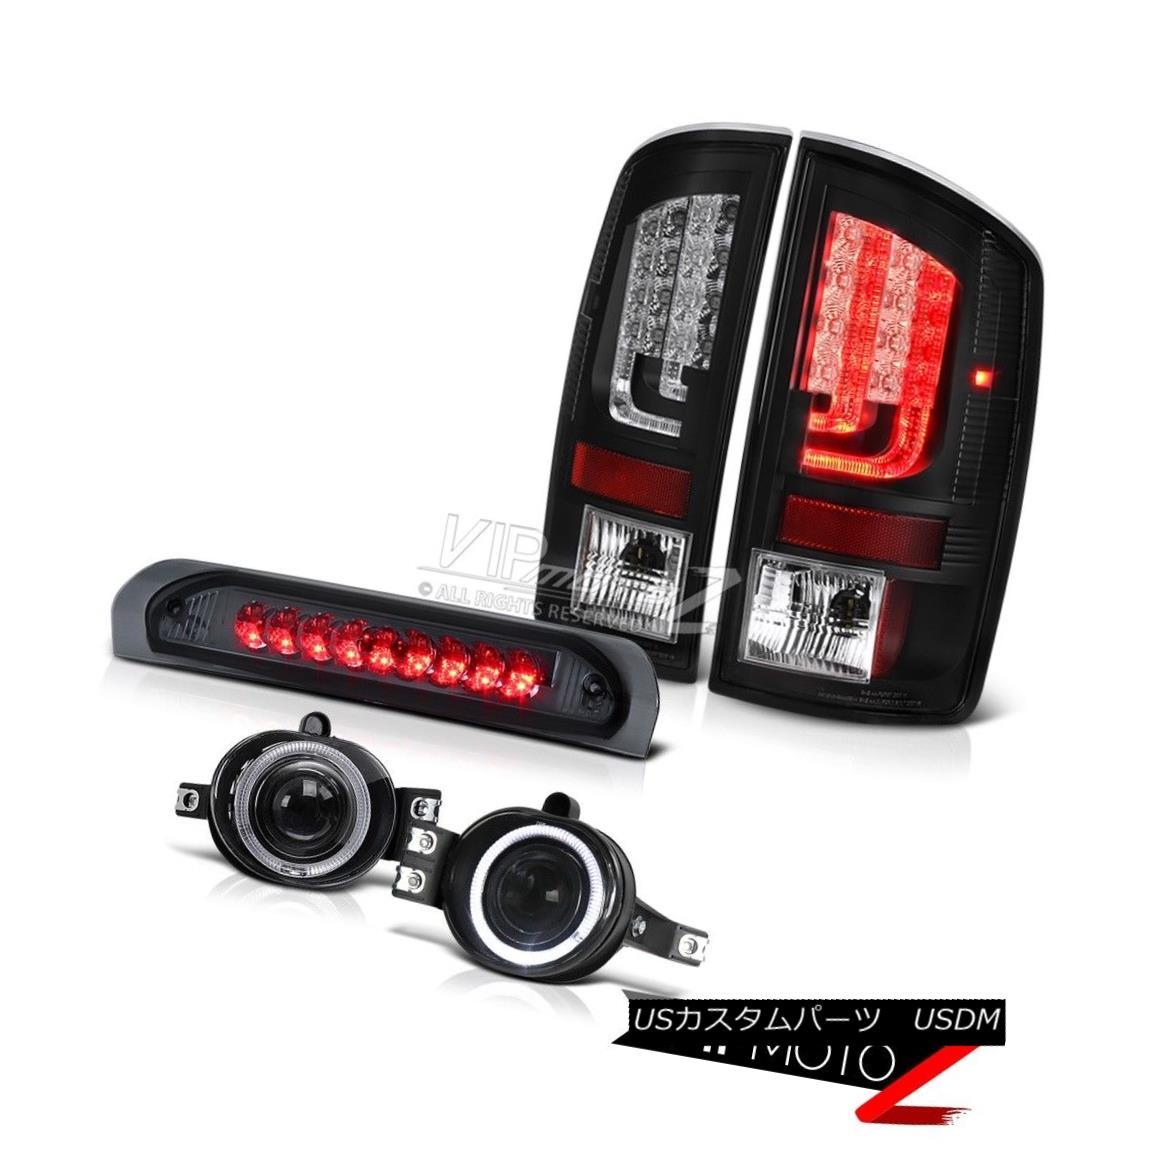 テールライト 2002-2006 Dodge Ram 1500 SLT Black Tail Brake Lights Fog Roof Lamp OLED Prism 2002-2006ダッジラム1500 SLTブラックテールブレーキライトフォグ屋根ランプOLEDプリズム